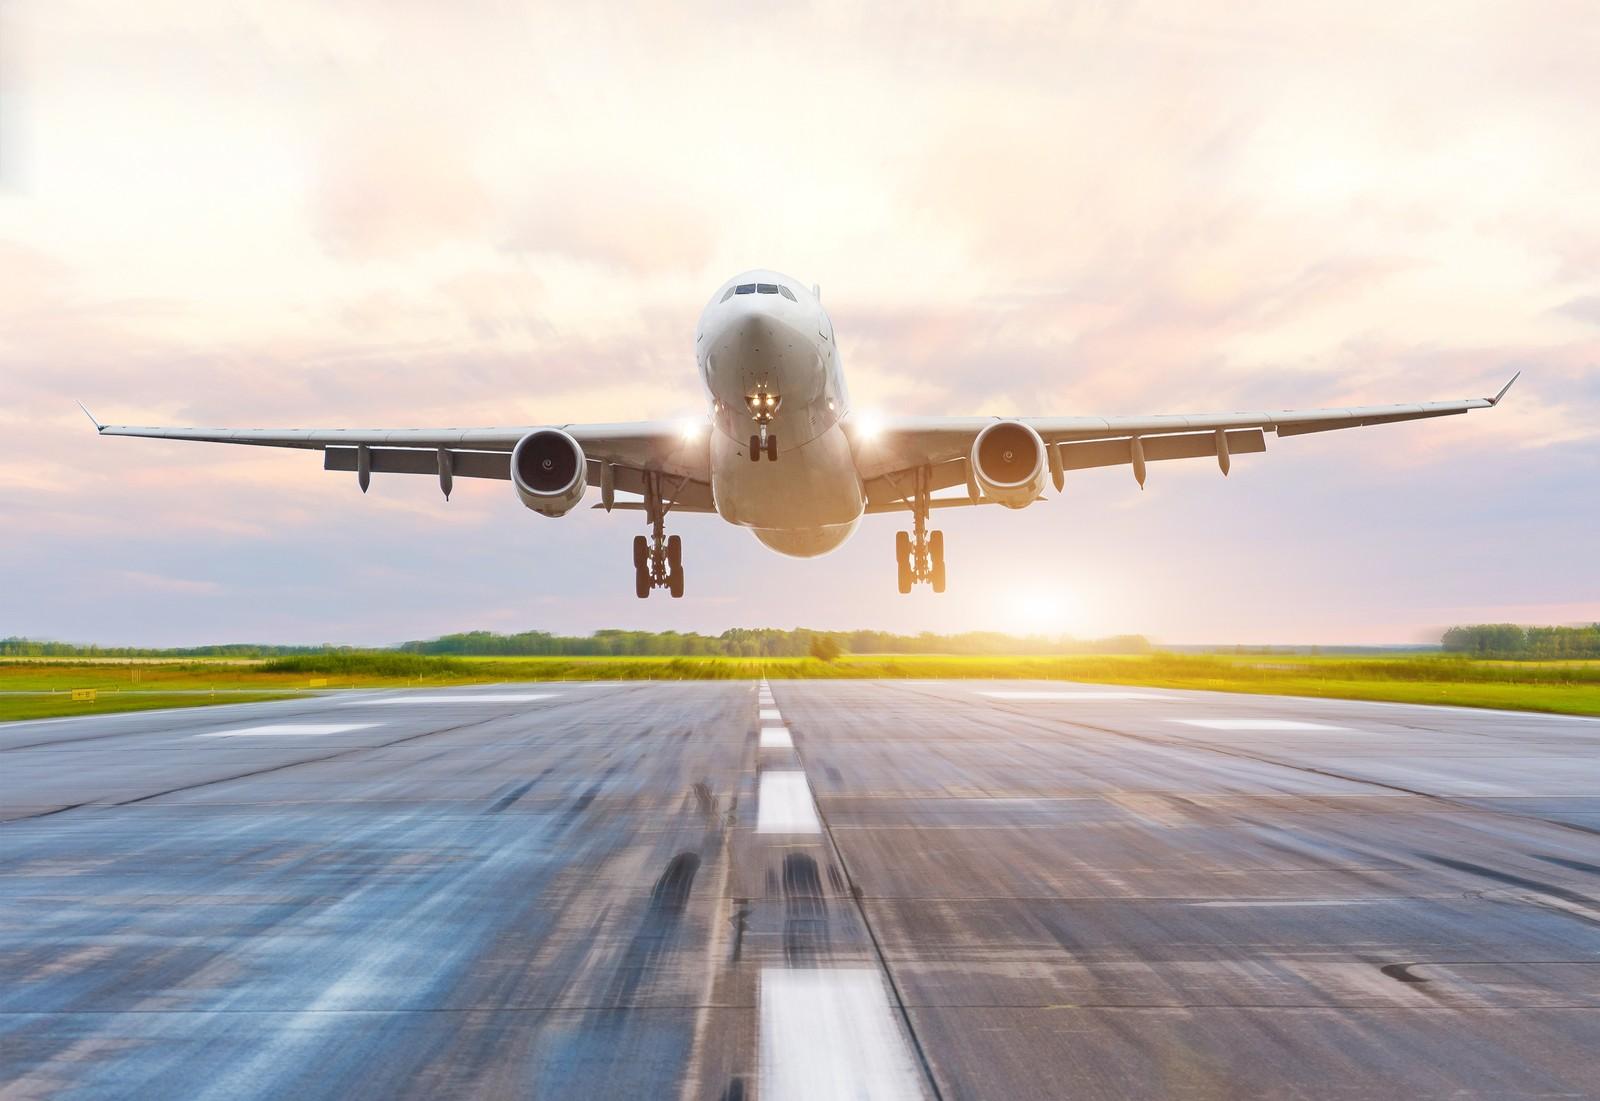 Para voar mais alto, PR recebe investimentos em infraestrutura aérea